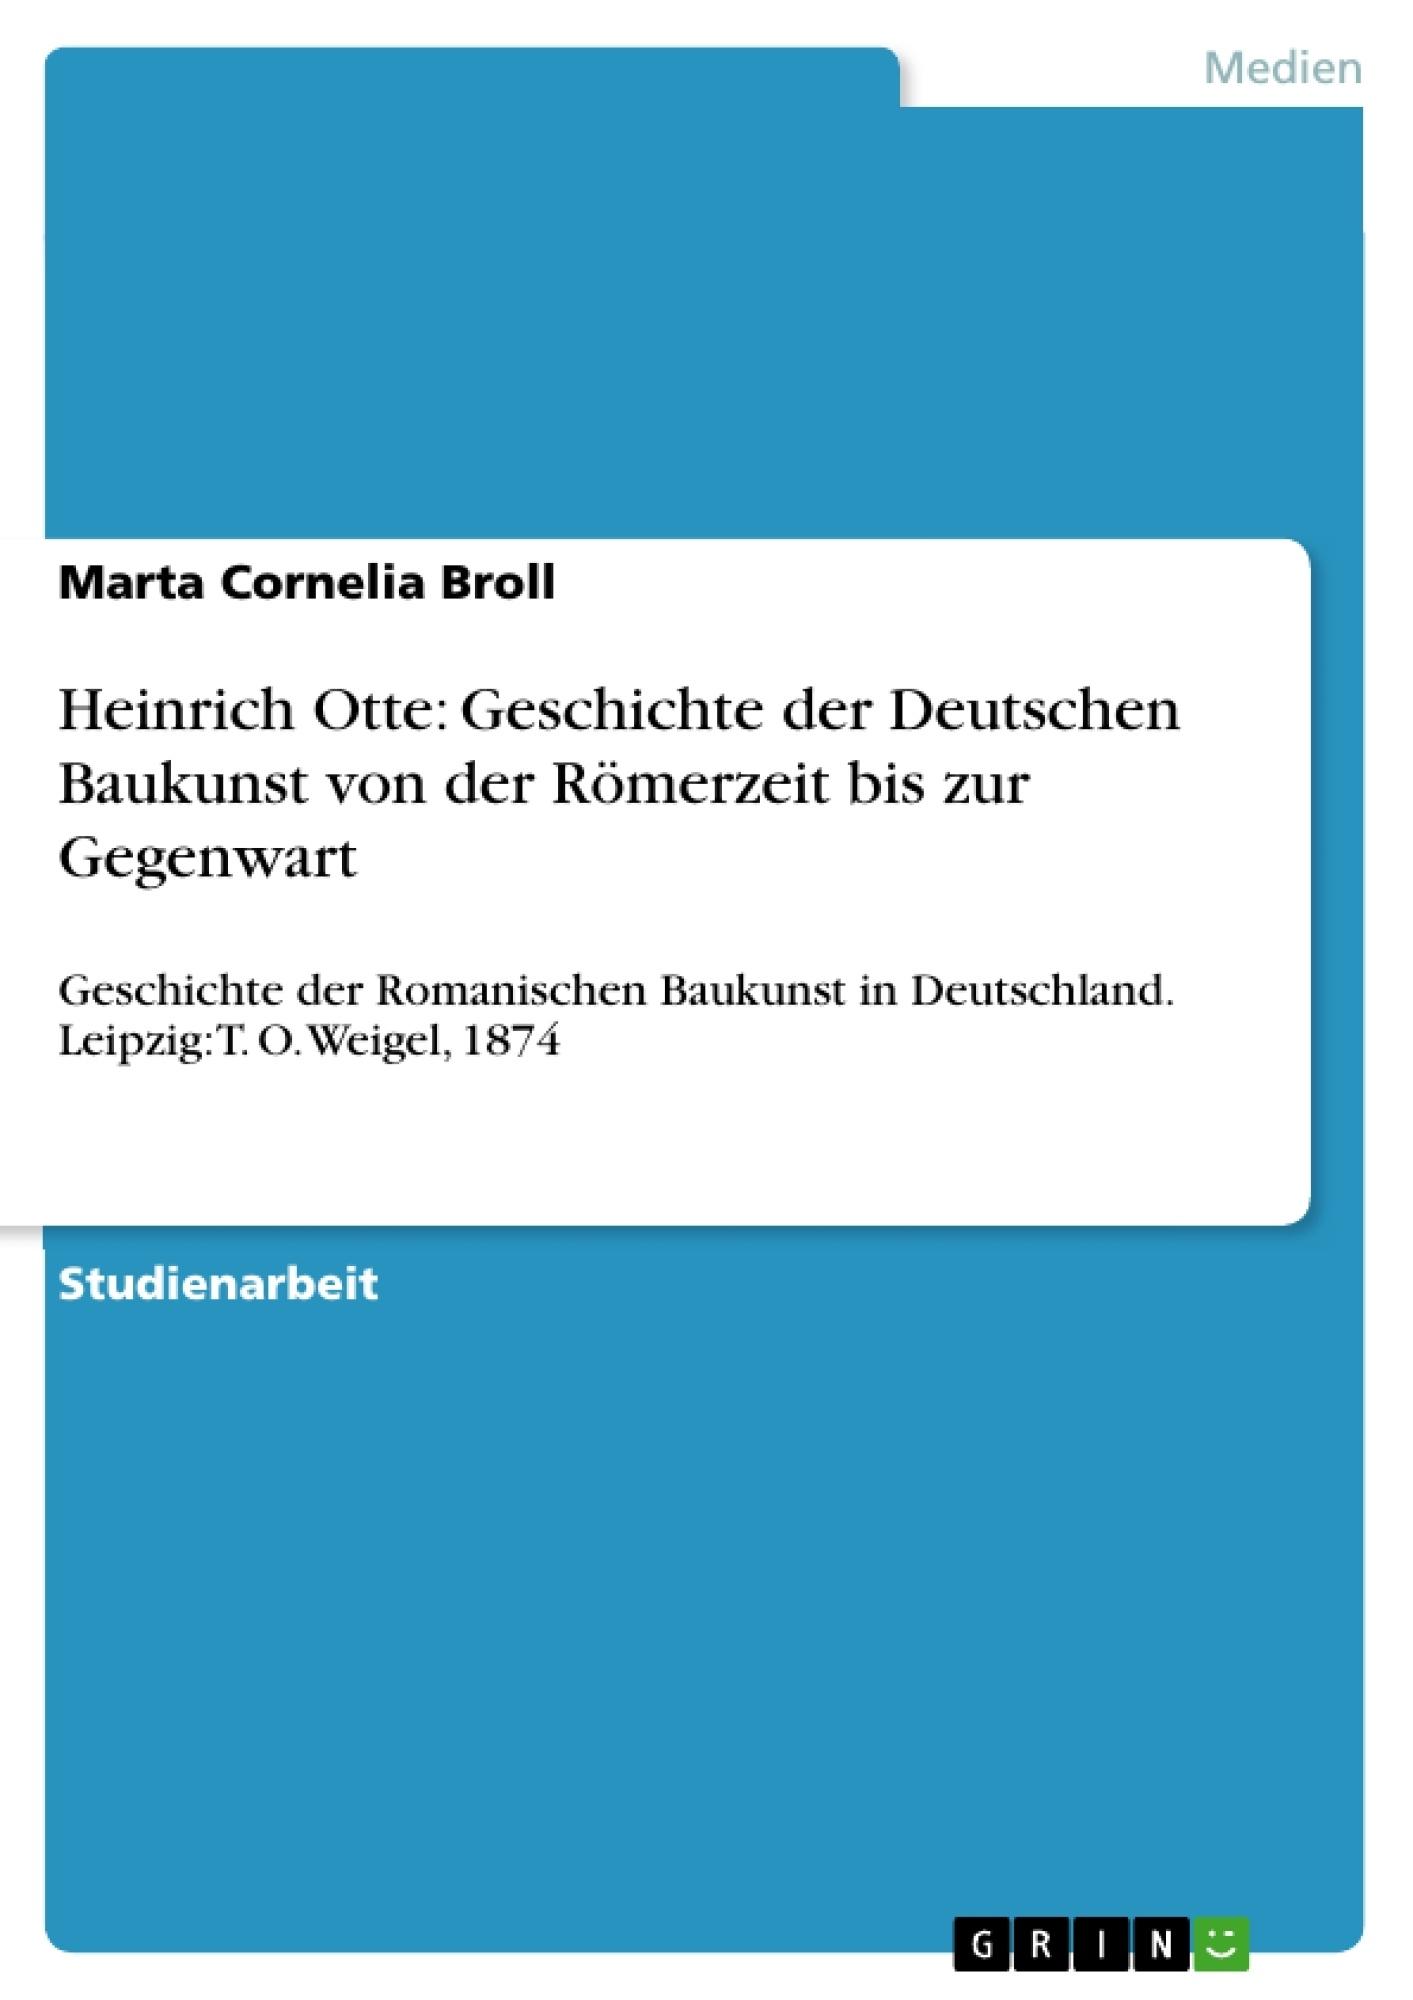 Titel: Heinrich Otte: Geschichte der Deutschen Baukunst von der Römerzeit bis zur Gegenwart